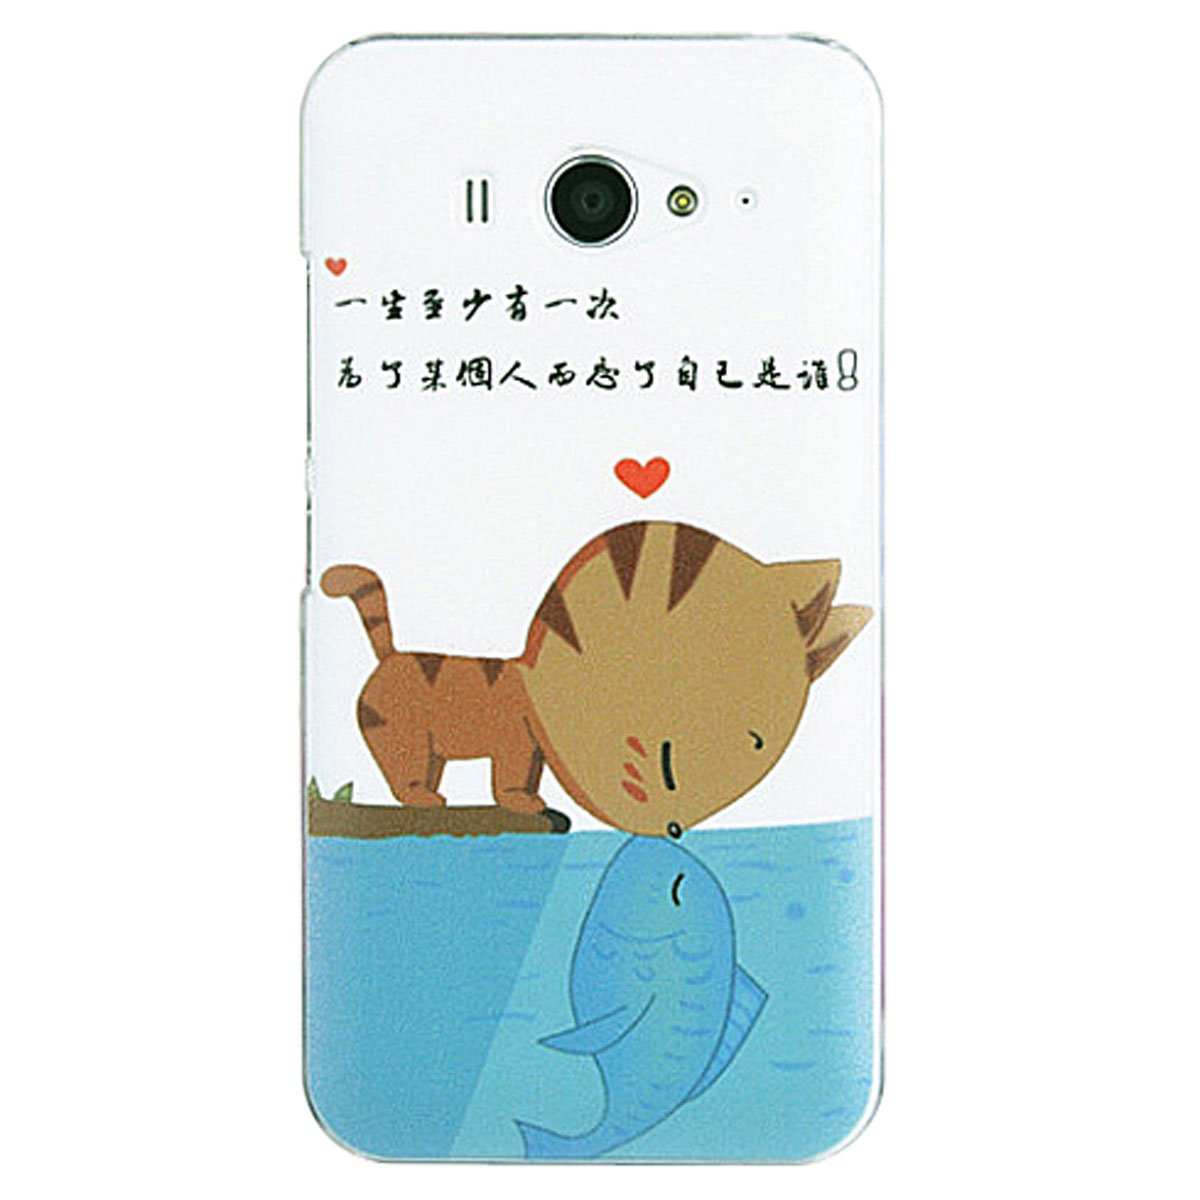 i-need 小米2s手机保护壳 小米2s手机保护套 m2s彩绘手机壳 高档彩绘